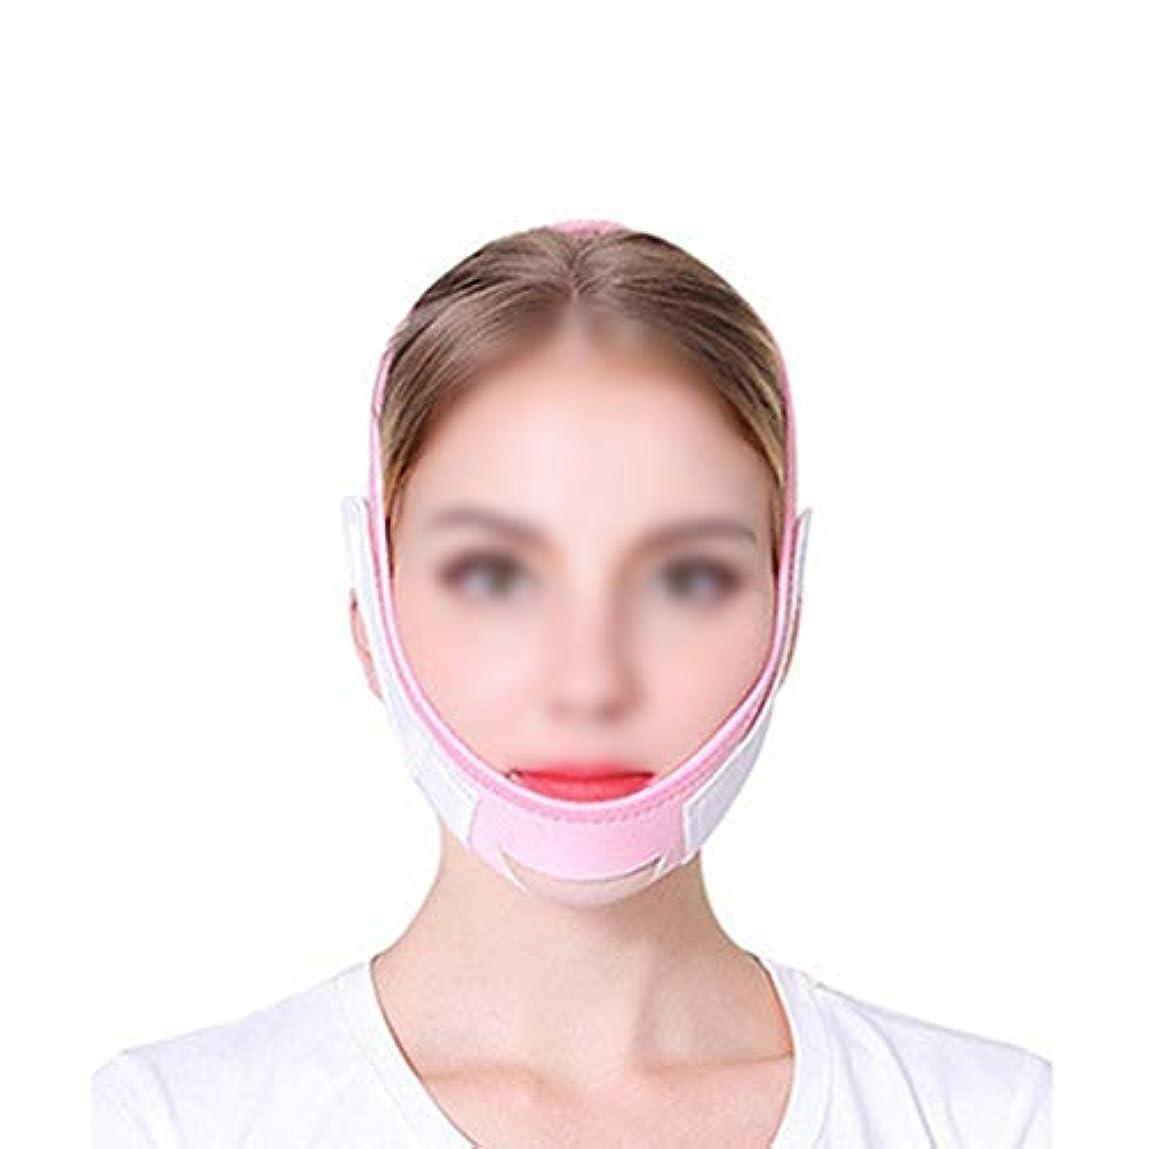 XHLMRMJ しわ防止フェイシャル減量ベルト、フェイスリフティング包帯、フェイスリフティングマスク、リフティングフェイスバンド、スキンバンデージ(フリーサイズ) (Color : Powder white)